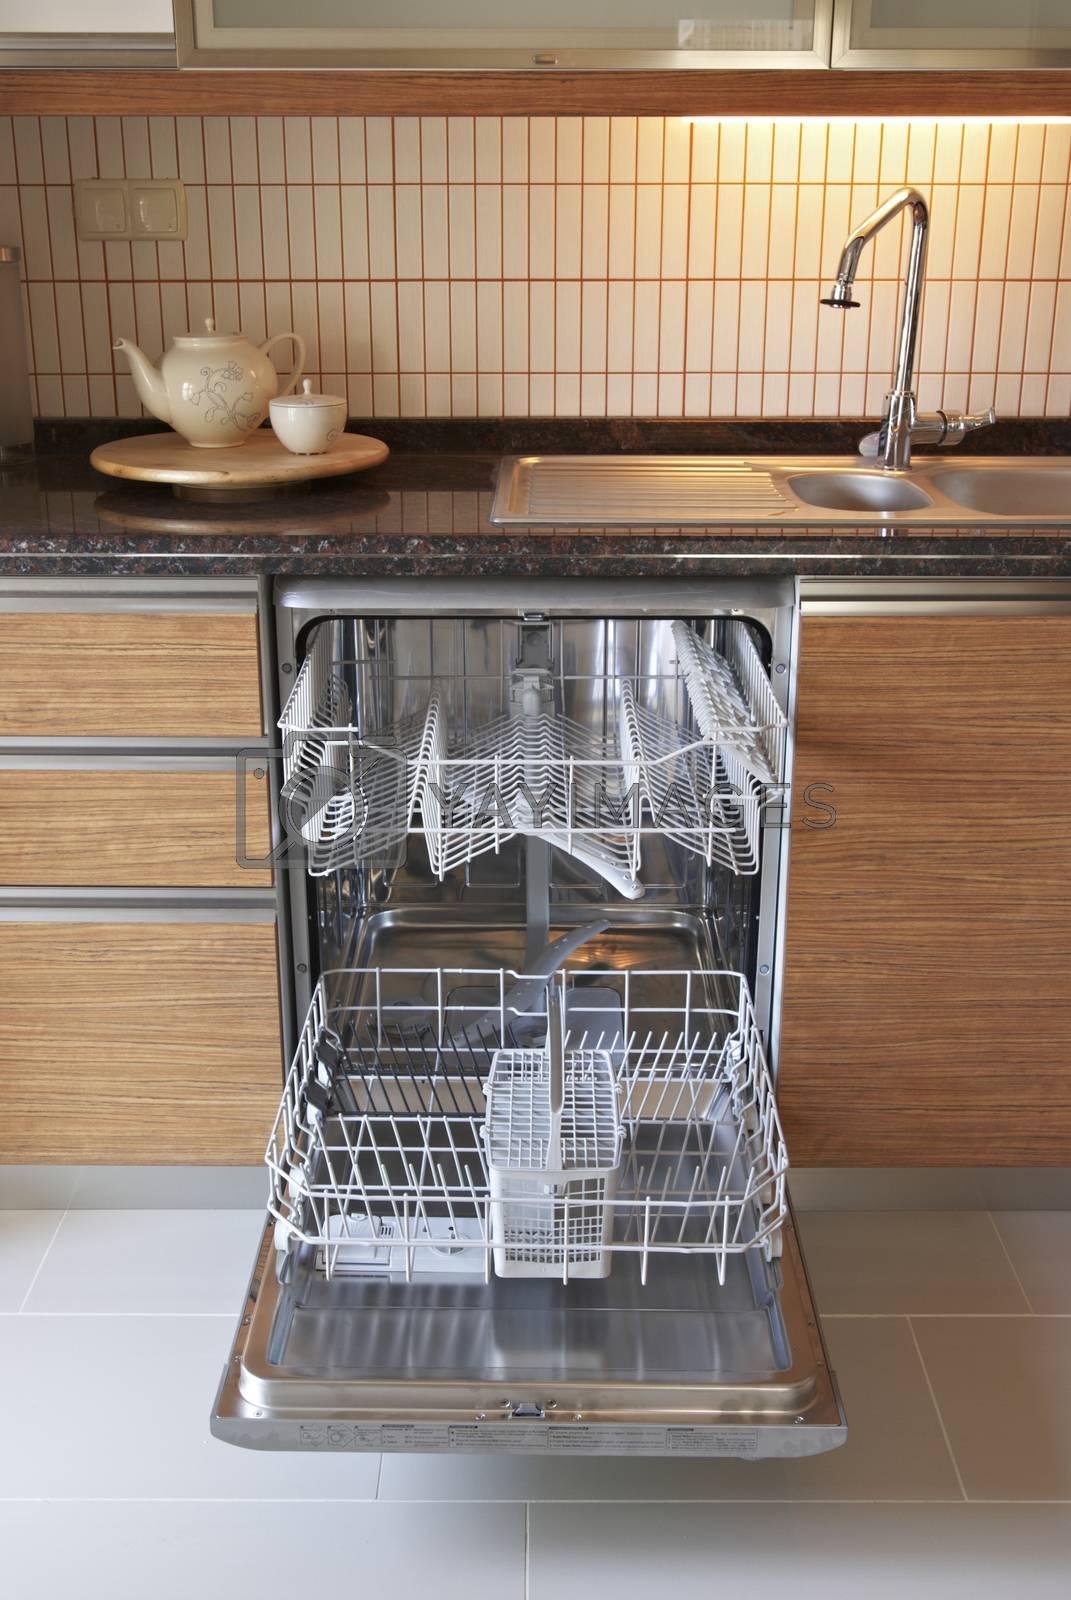 Royalty free image of dishwasher by emirkoo